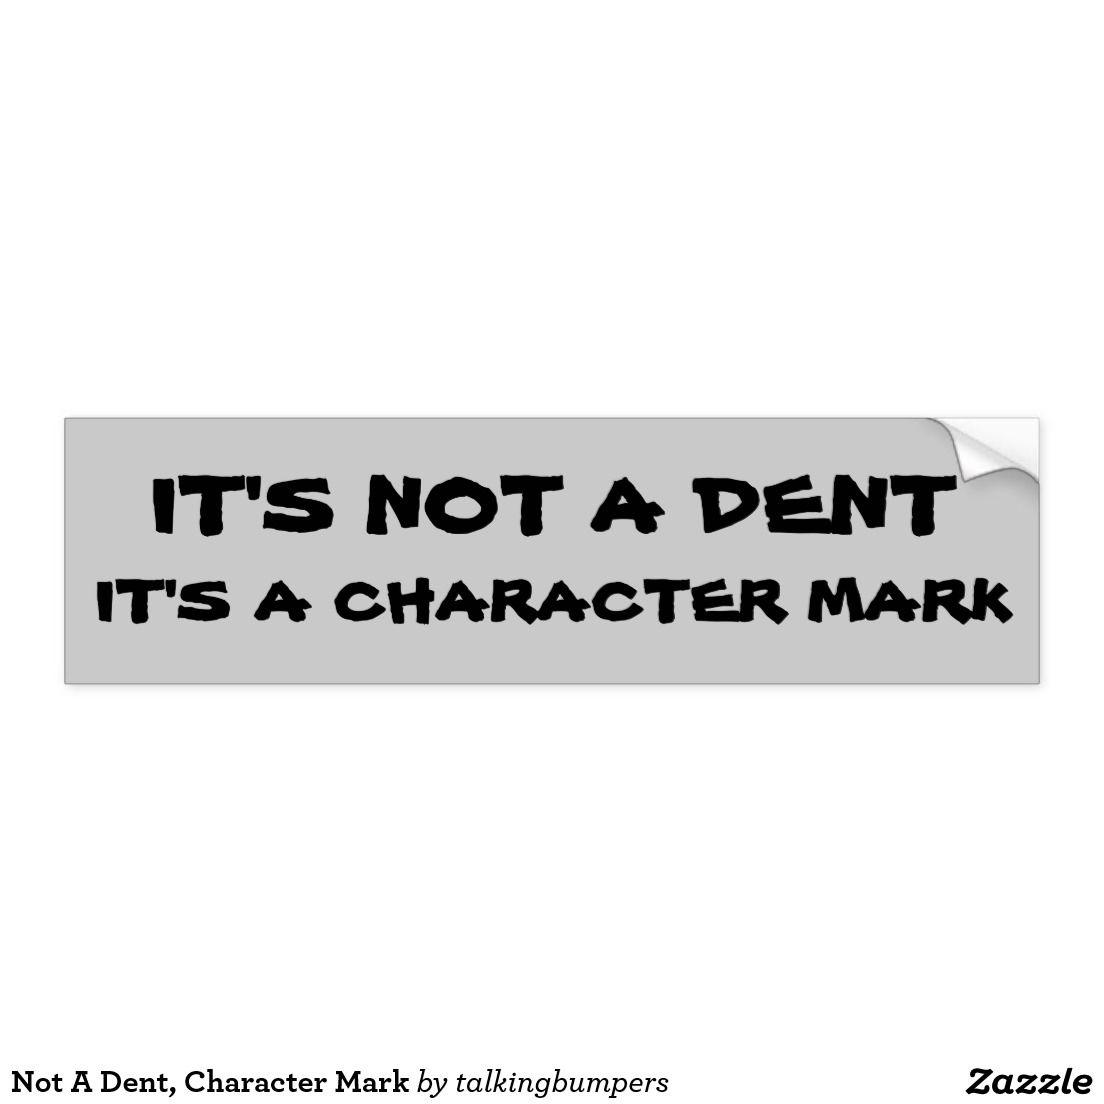 Not A Dent Character Mark Bumper Sticker Zazzle Com In 2021 Bumper Stickers Car Bumper Stickers Funny Stickers [ 1104 x 1104 Pixel ]